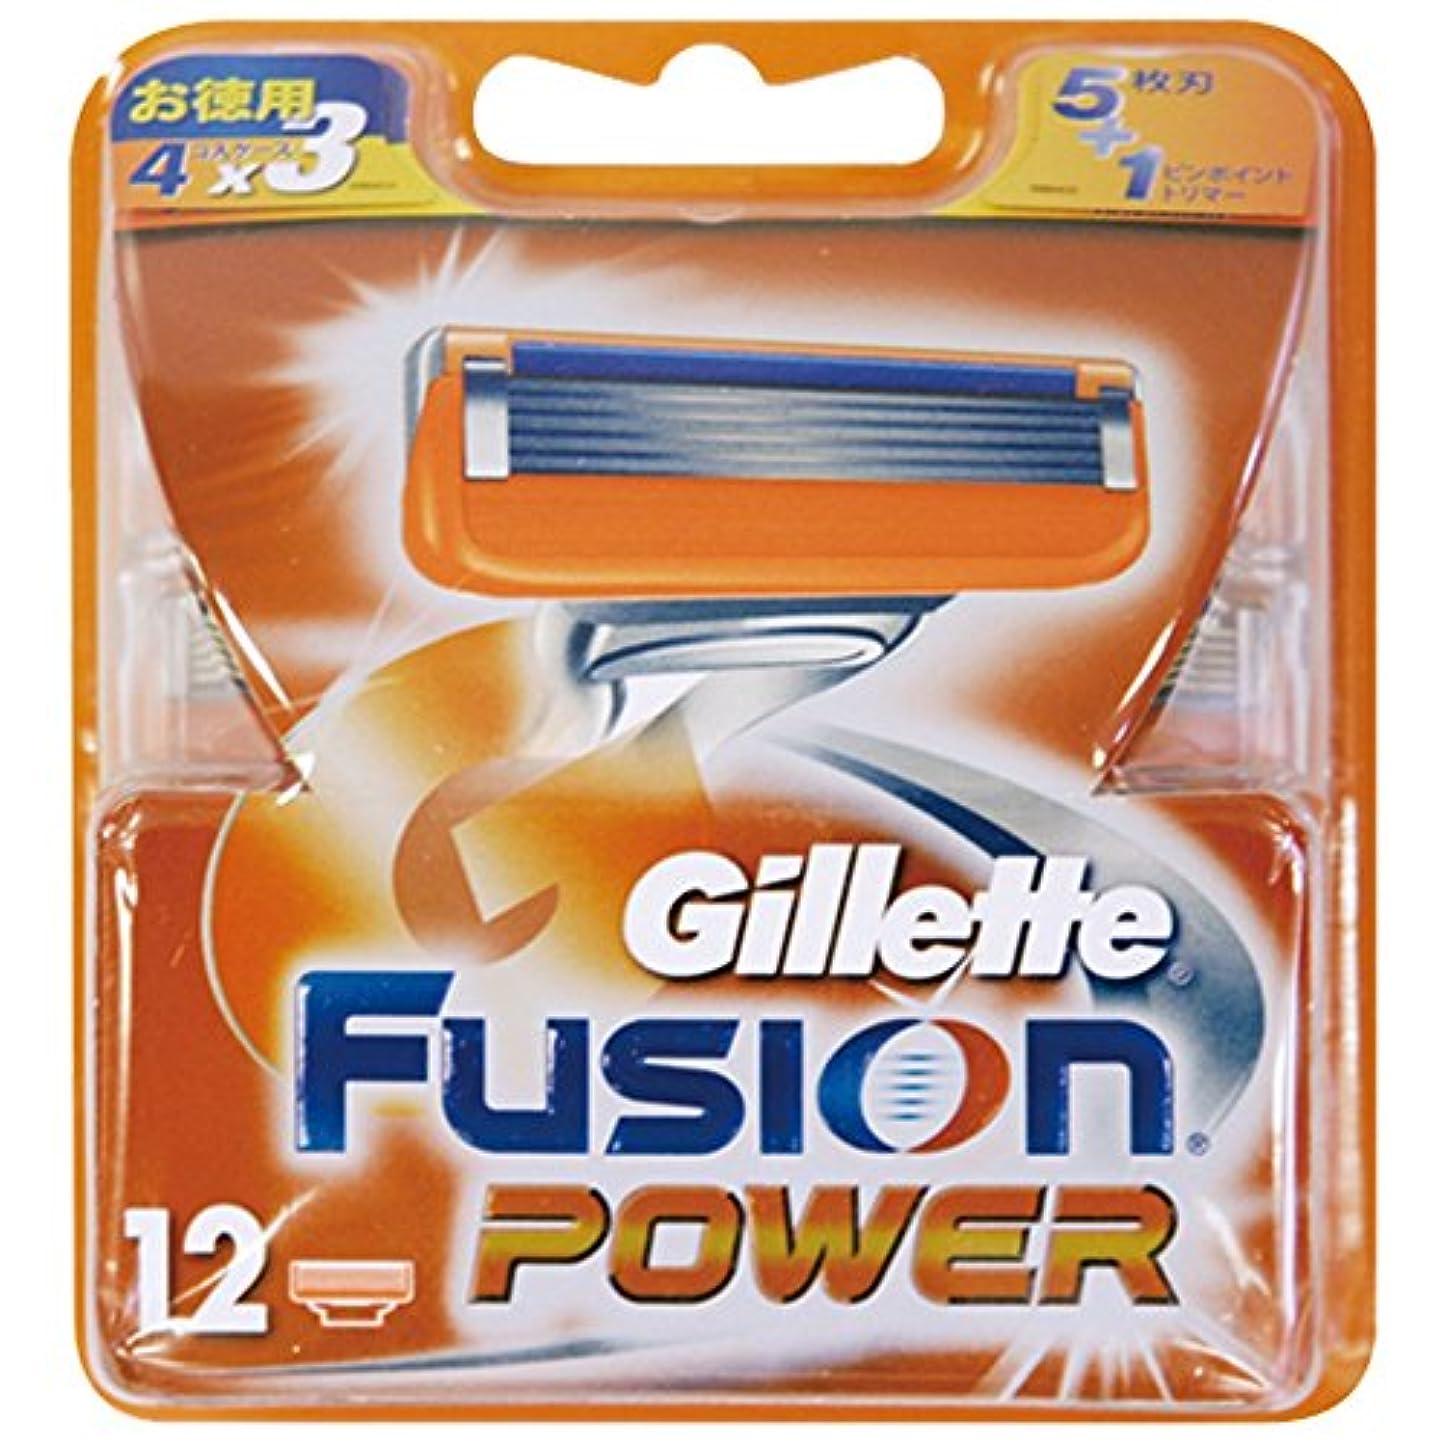 正確に外出背が高いジレット 髭剃り フュージョン 5+1 パワー 替刃12個入